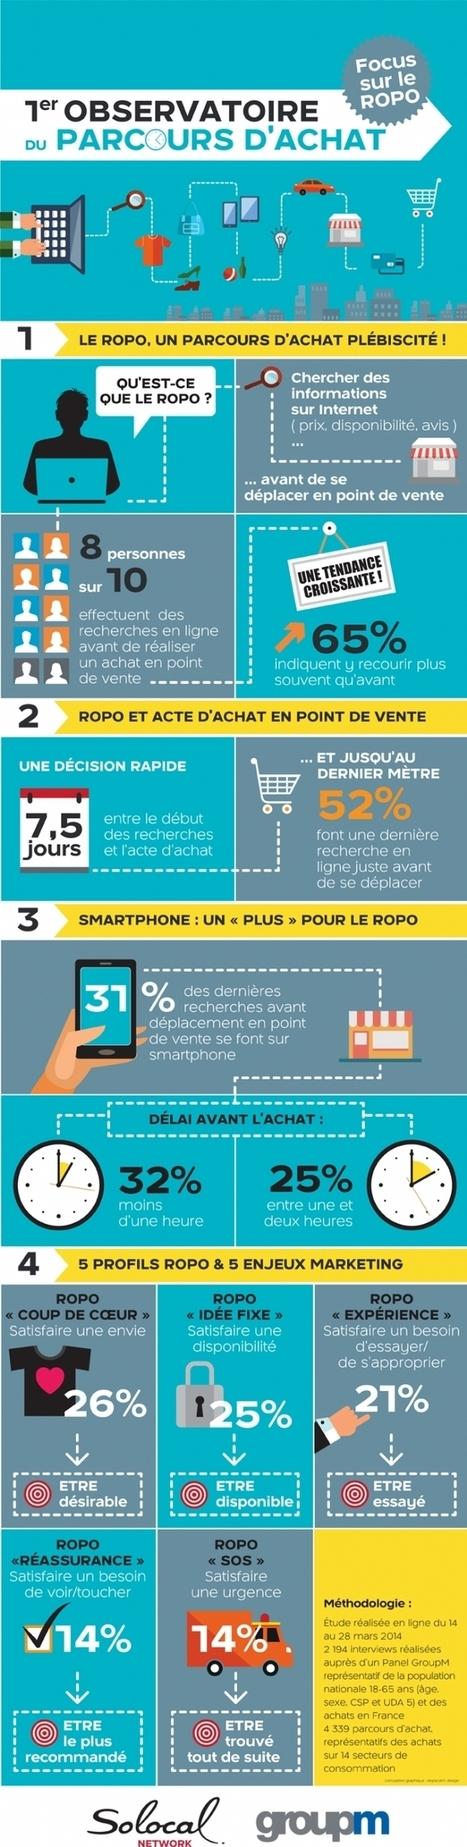 Infographie de l'Observatoire du Parcours d'achat par Solocal - GroupM | Le Retail Connecté | Scoop.it